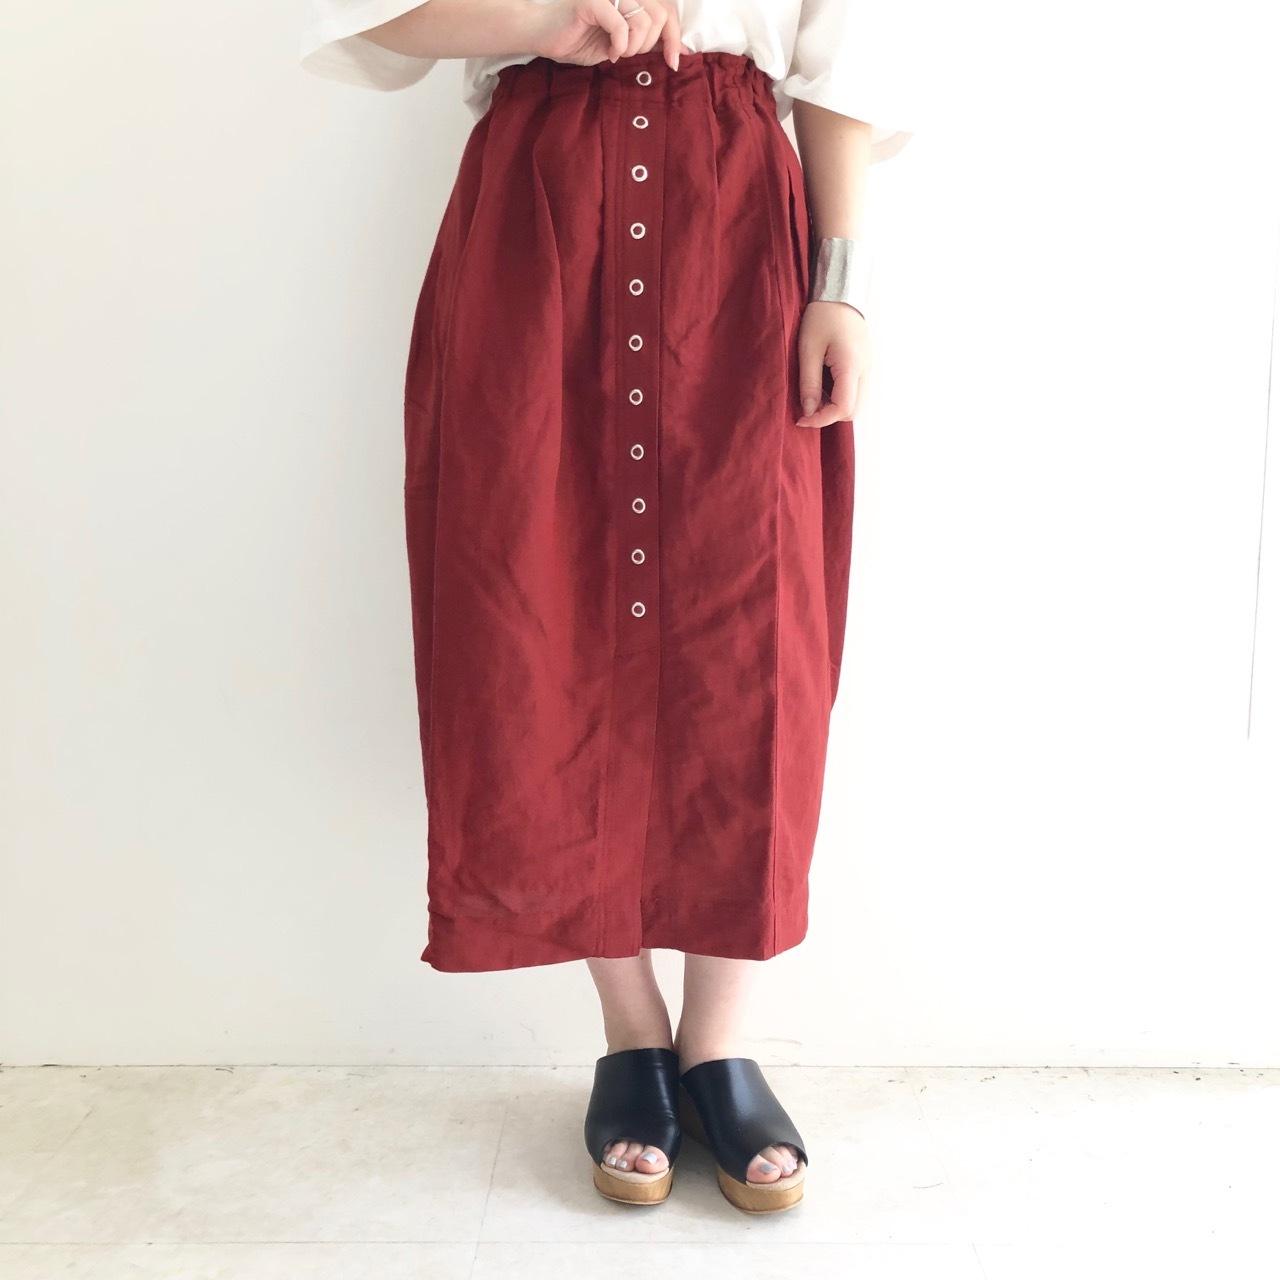 【 ANTGAUGE 】- GE330 - ミモレバレルスカート